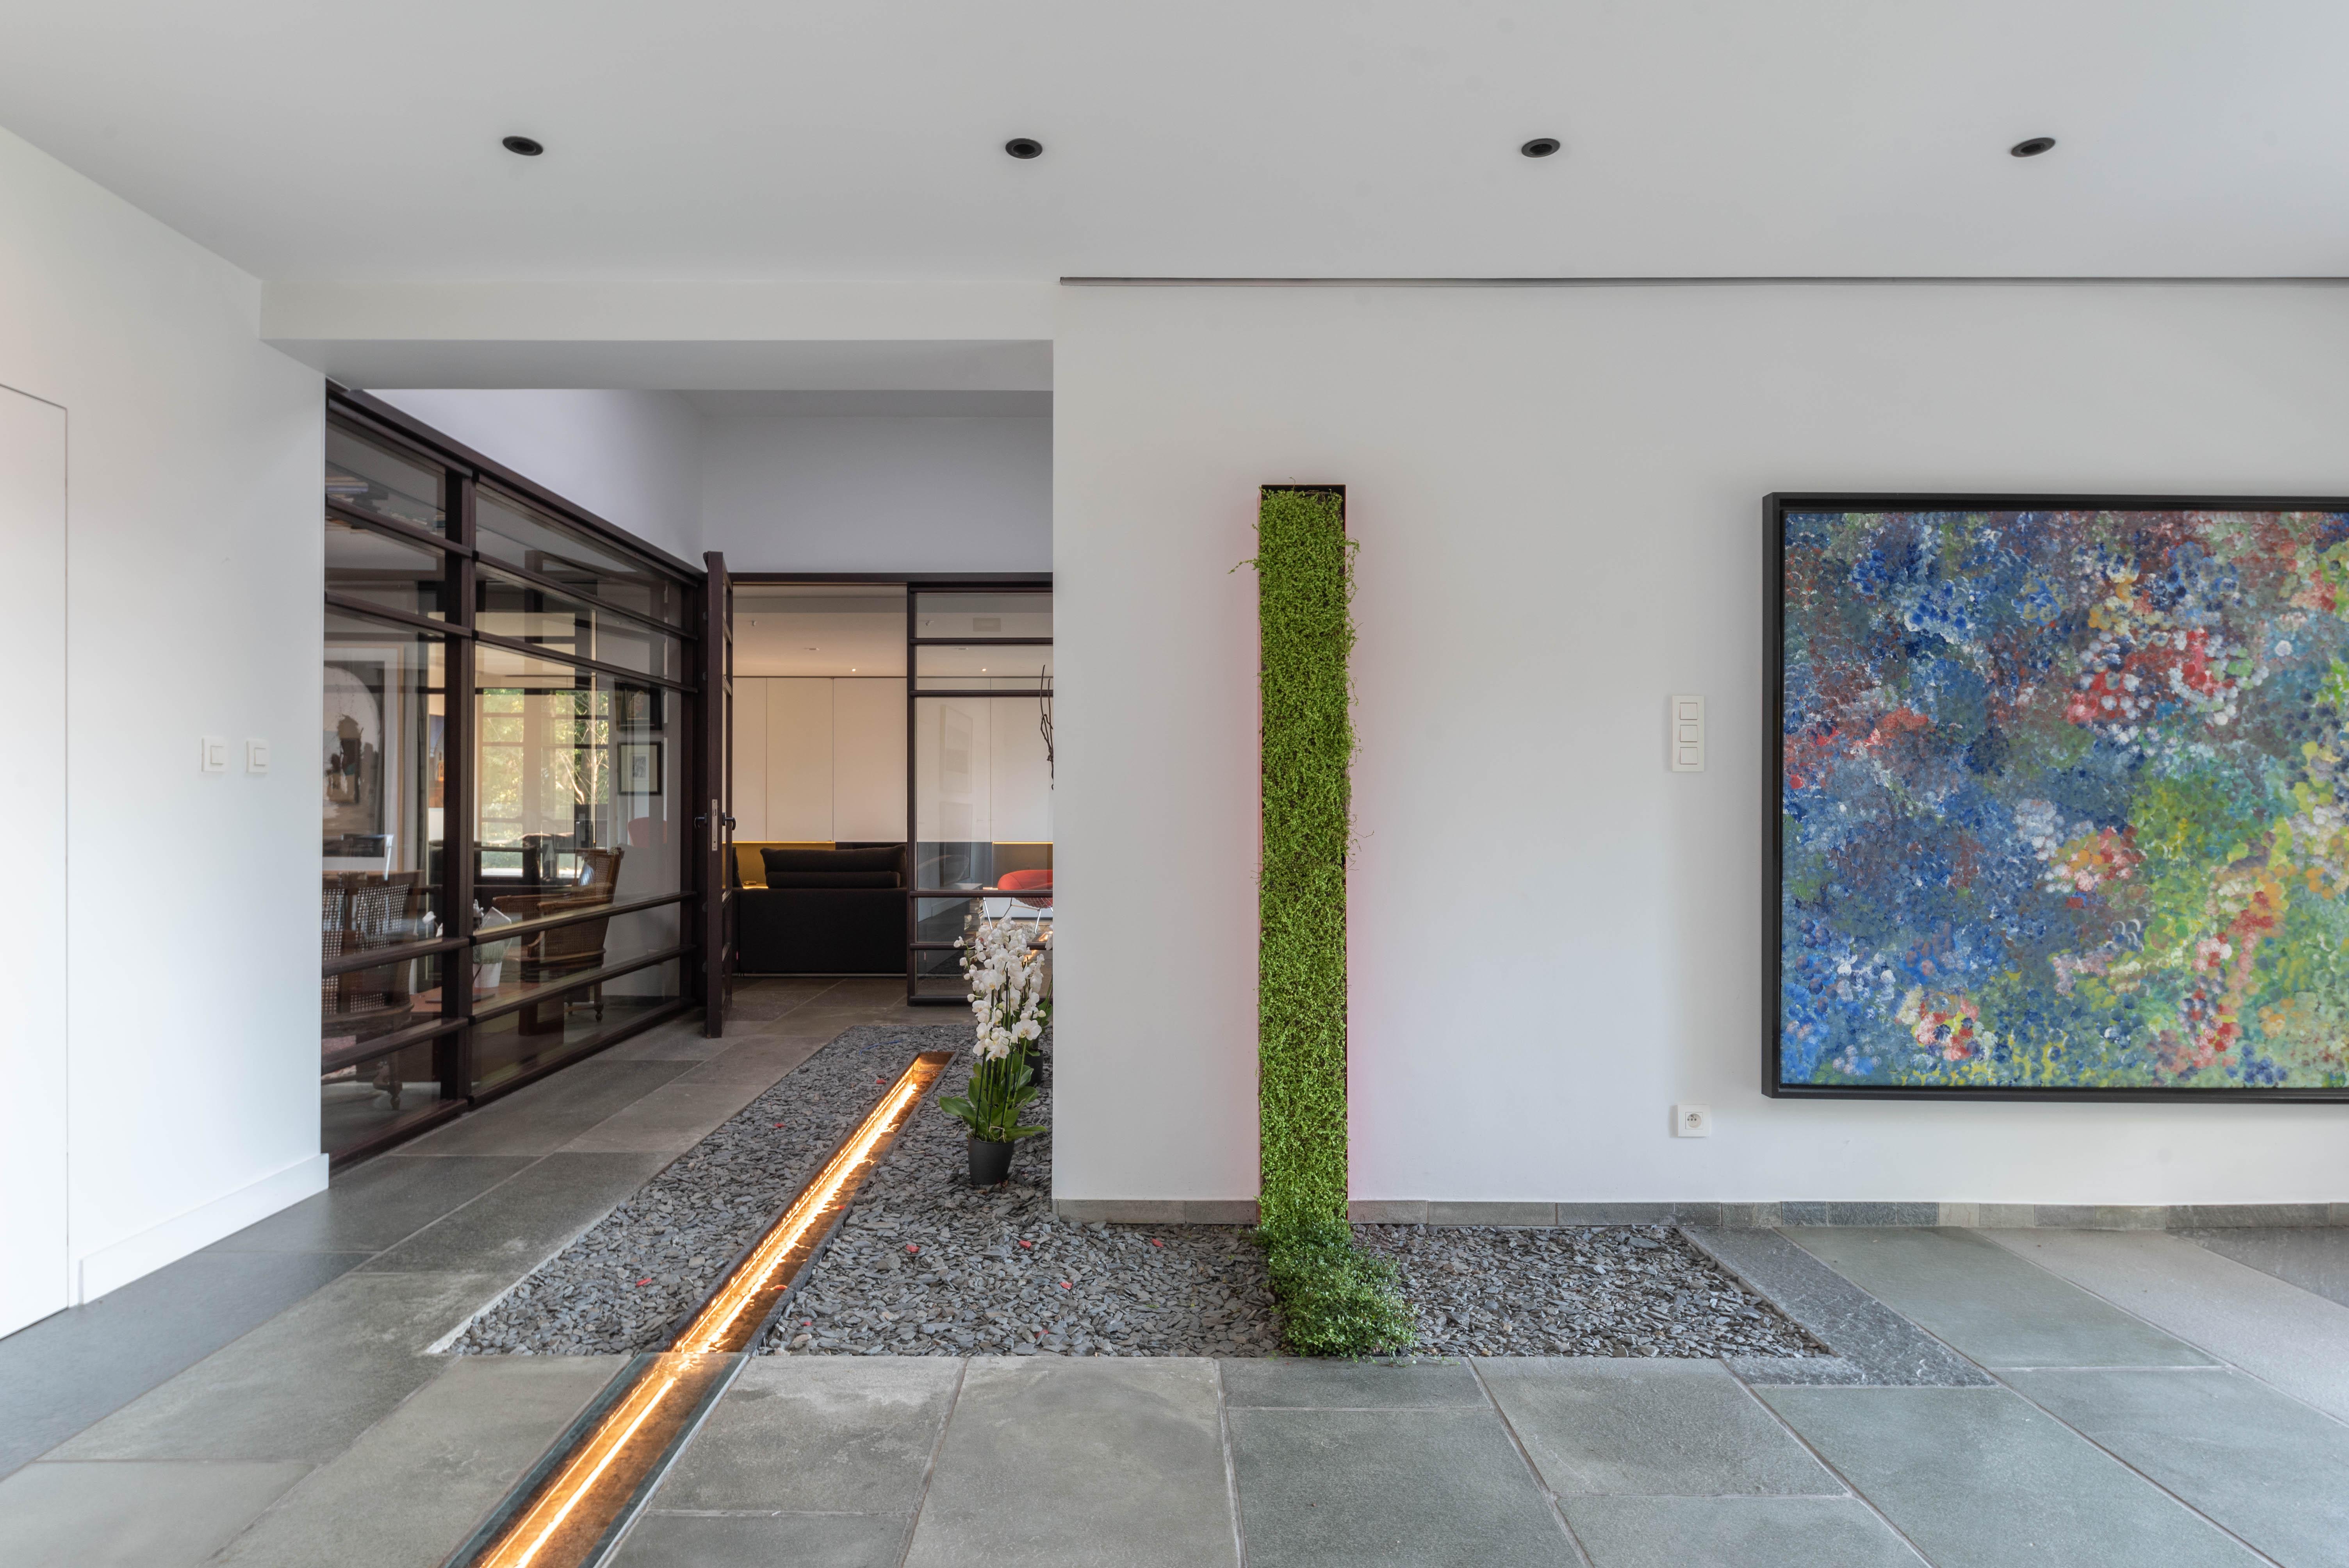 interieur-2